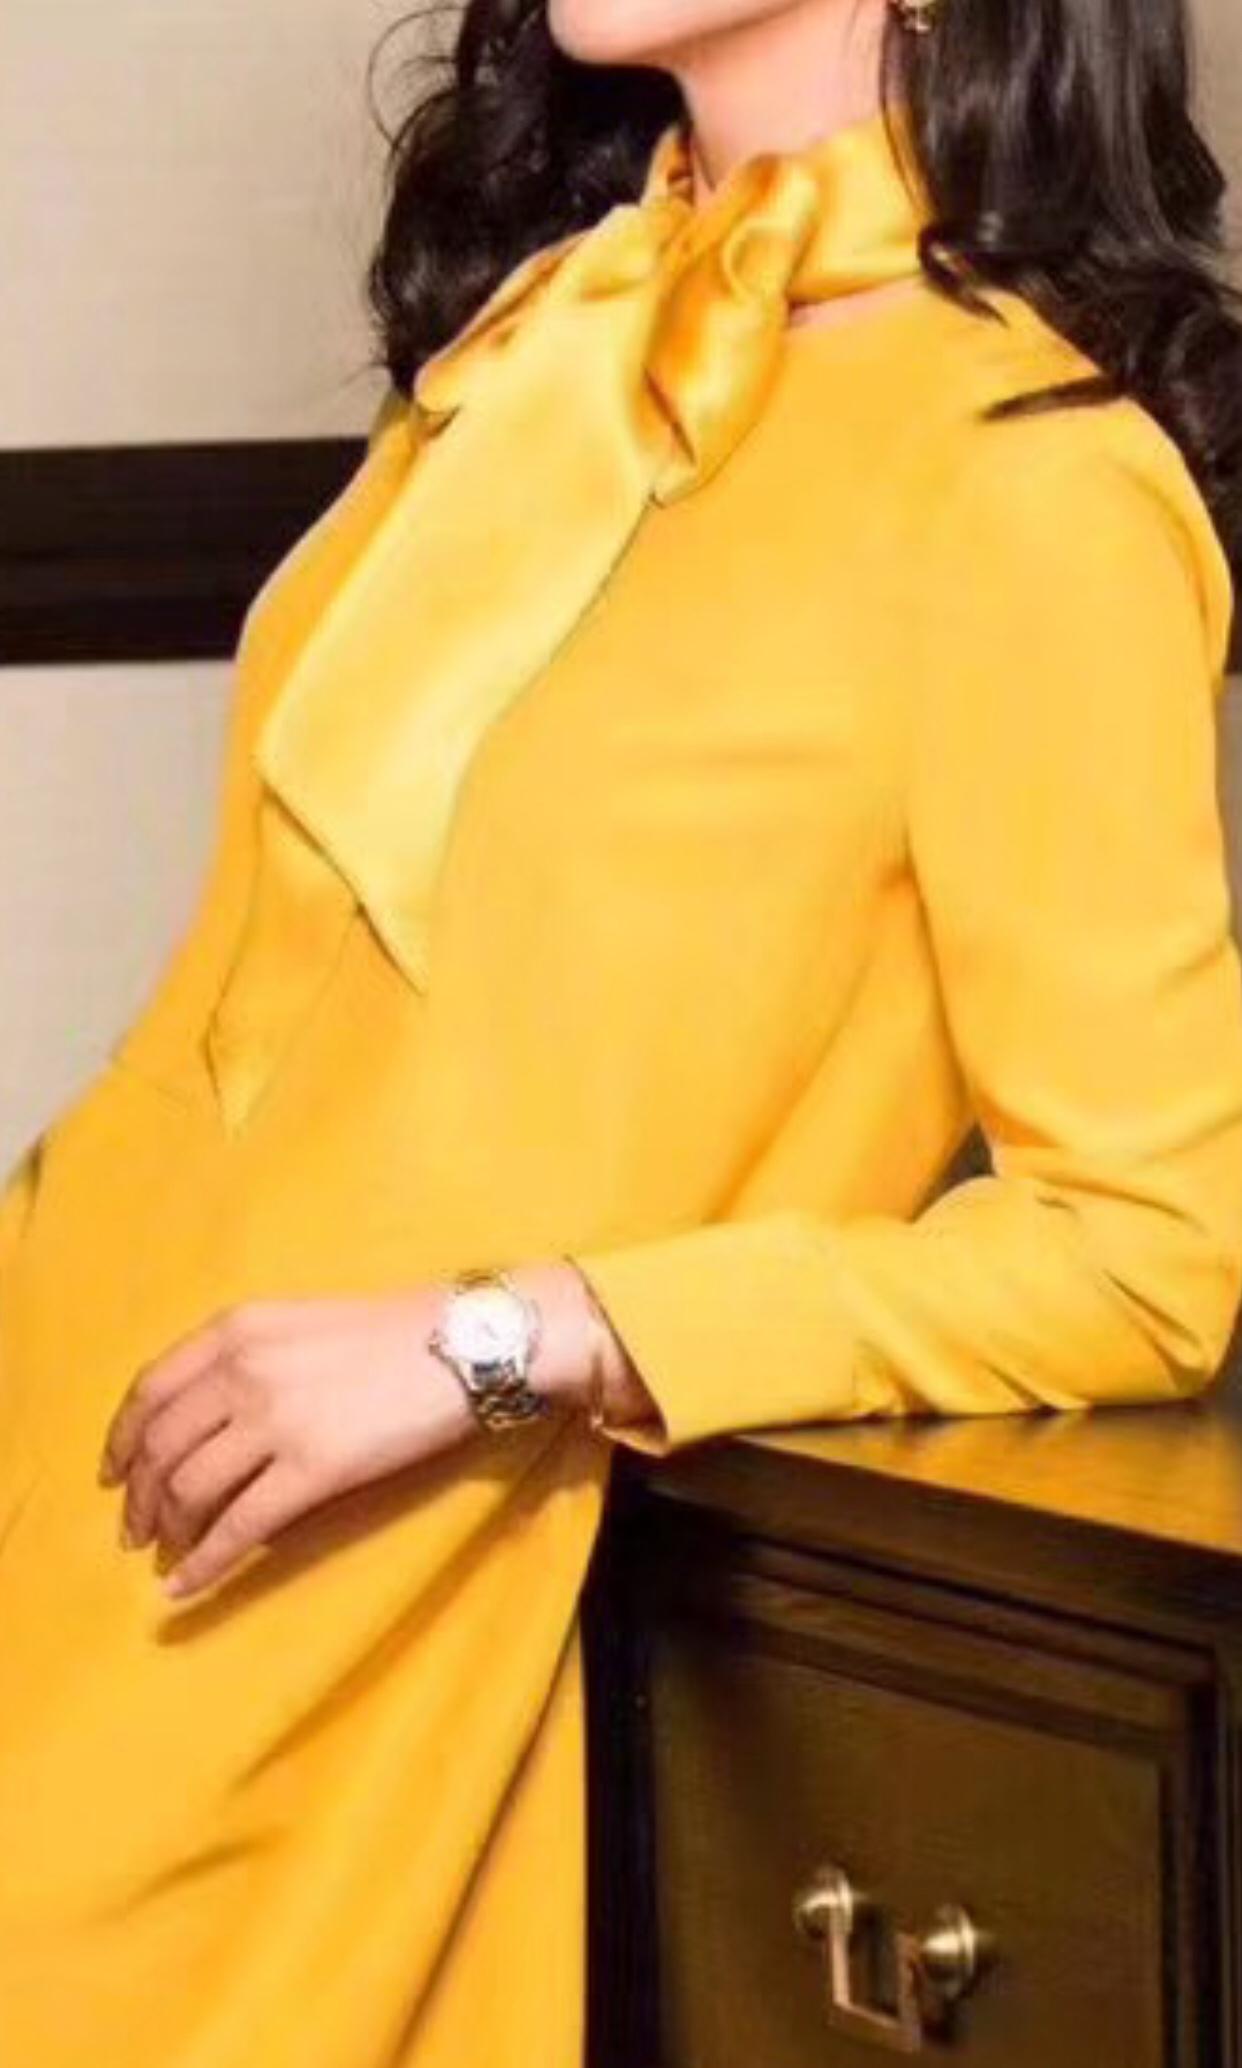 真丝长条丝巾女士桑蚕丝发带领巾春夏季缠绑包包手腕丝带腰带领结